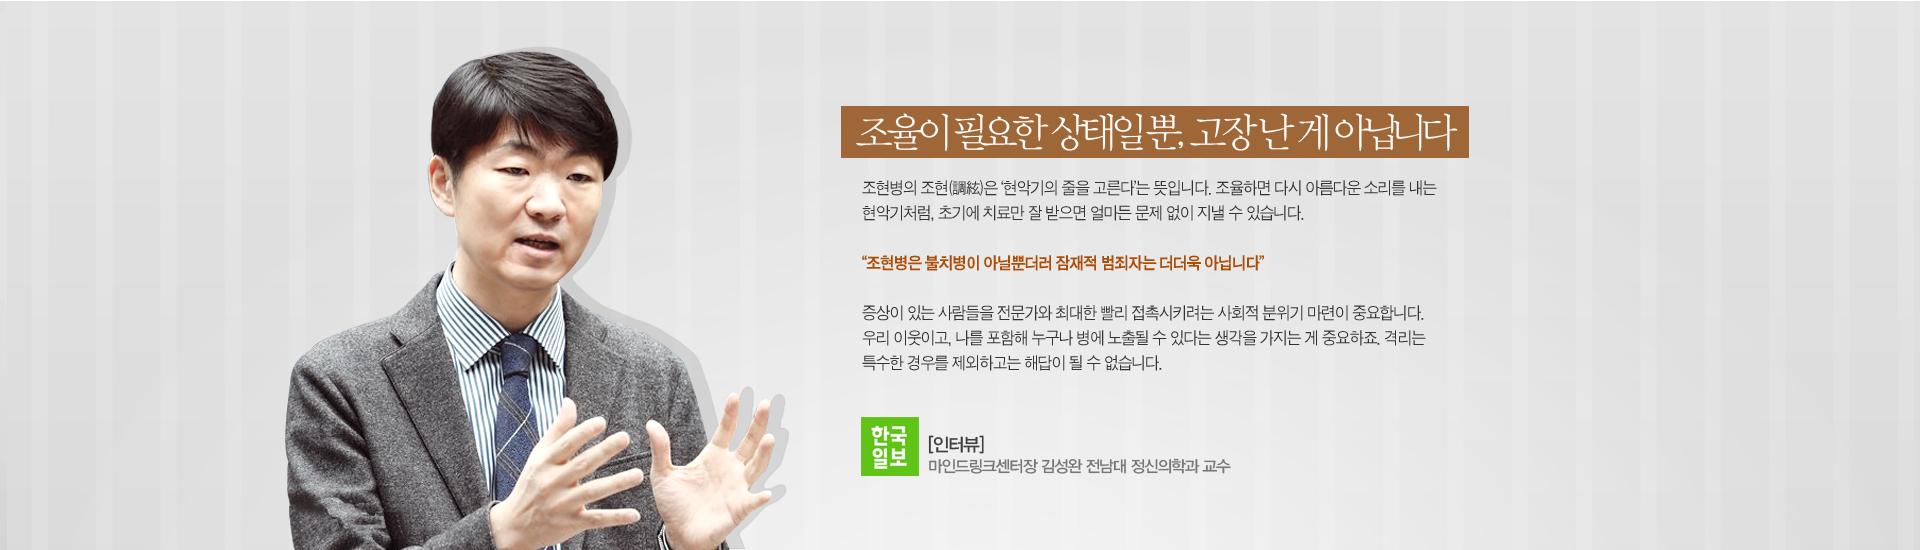 한국일보기사